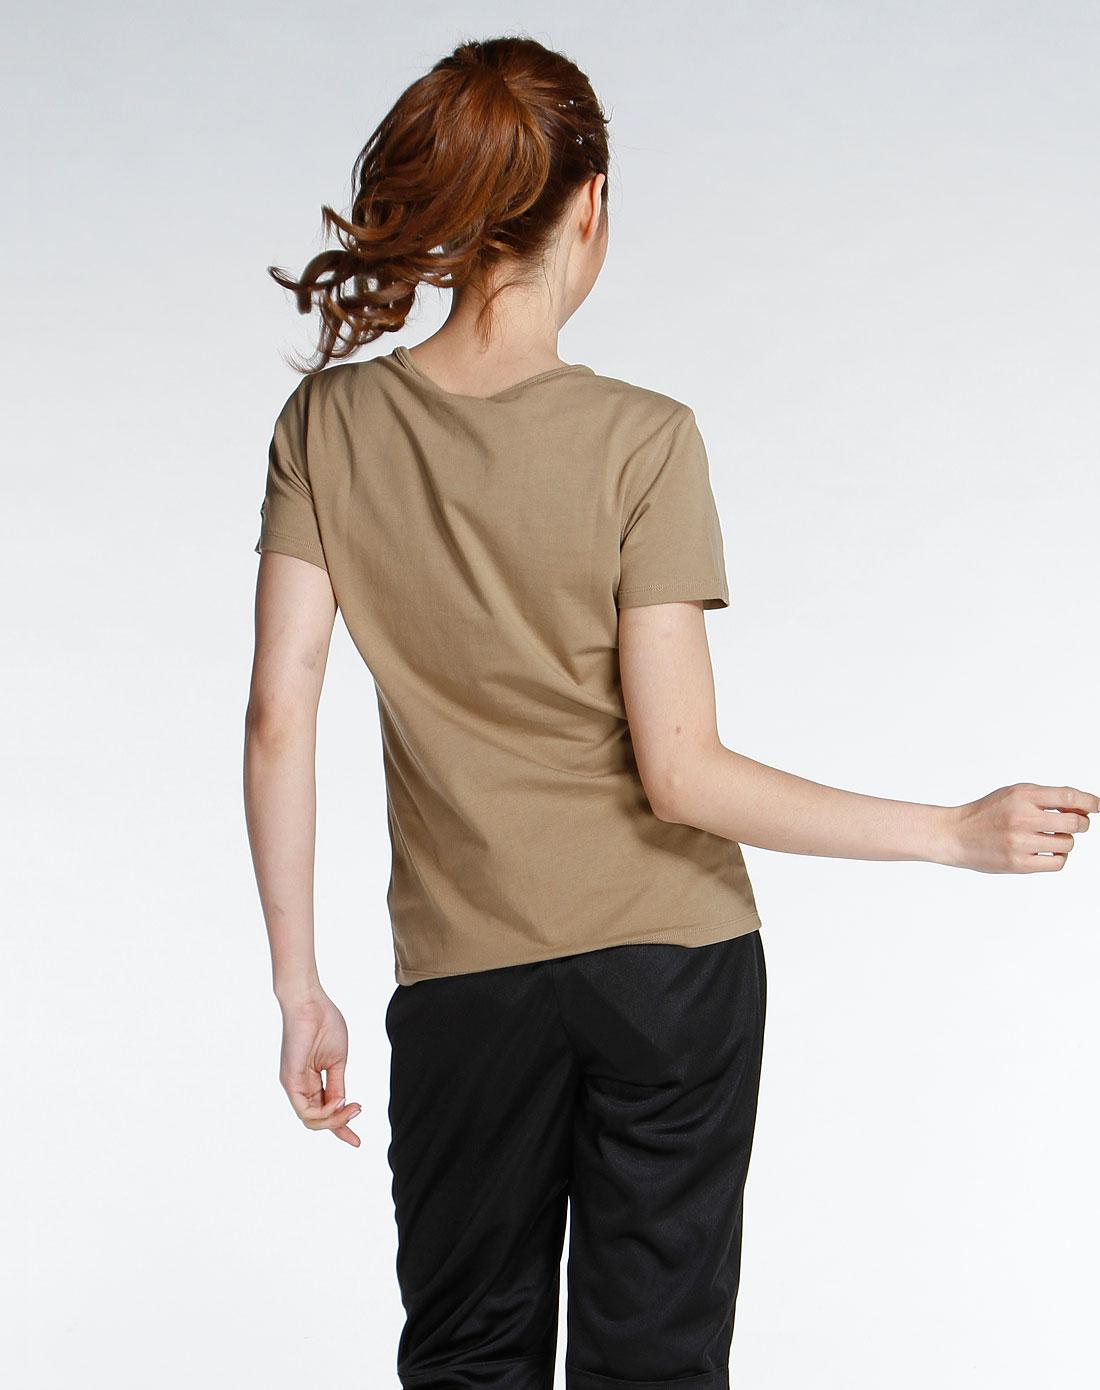 sp 女款橄榄绿色v领烫印图短袖t恤